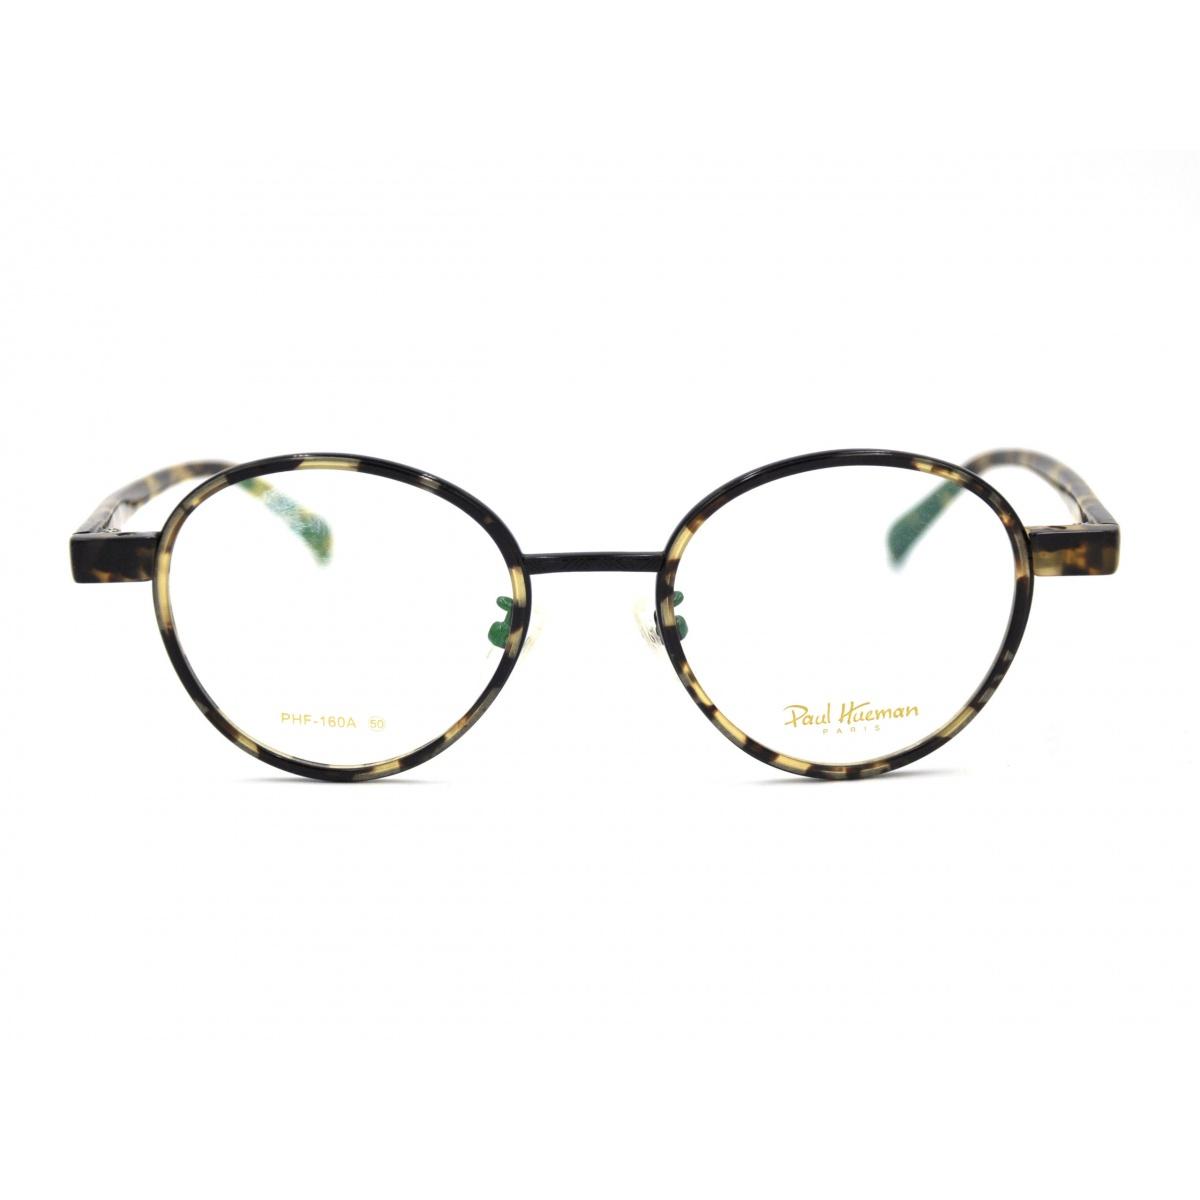 Γυαλιά οράσεως PAUL HUEMAN PHF160AD C05 Πειραιάς